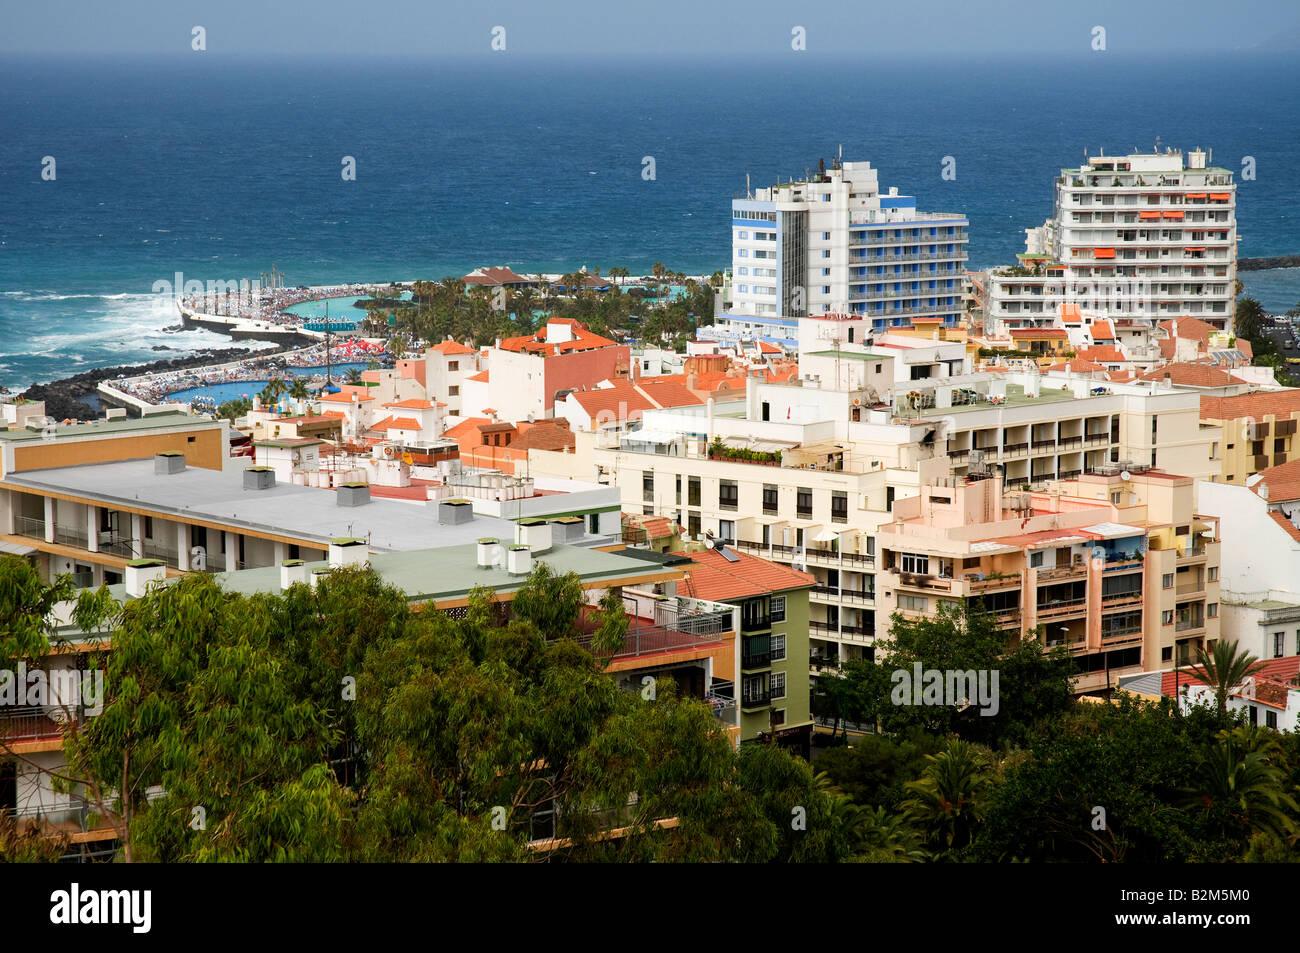 Vista de Puerto de la Cruz, Tenerife, Islas Canarias, España Imagen De Stock